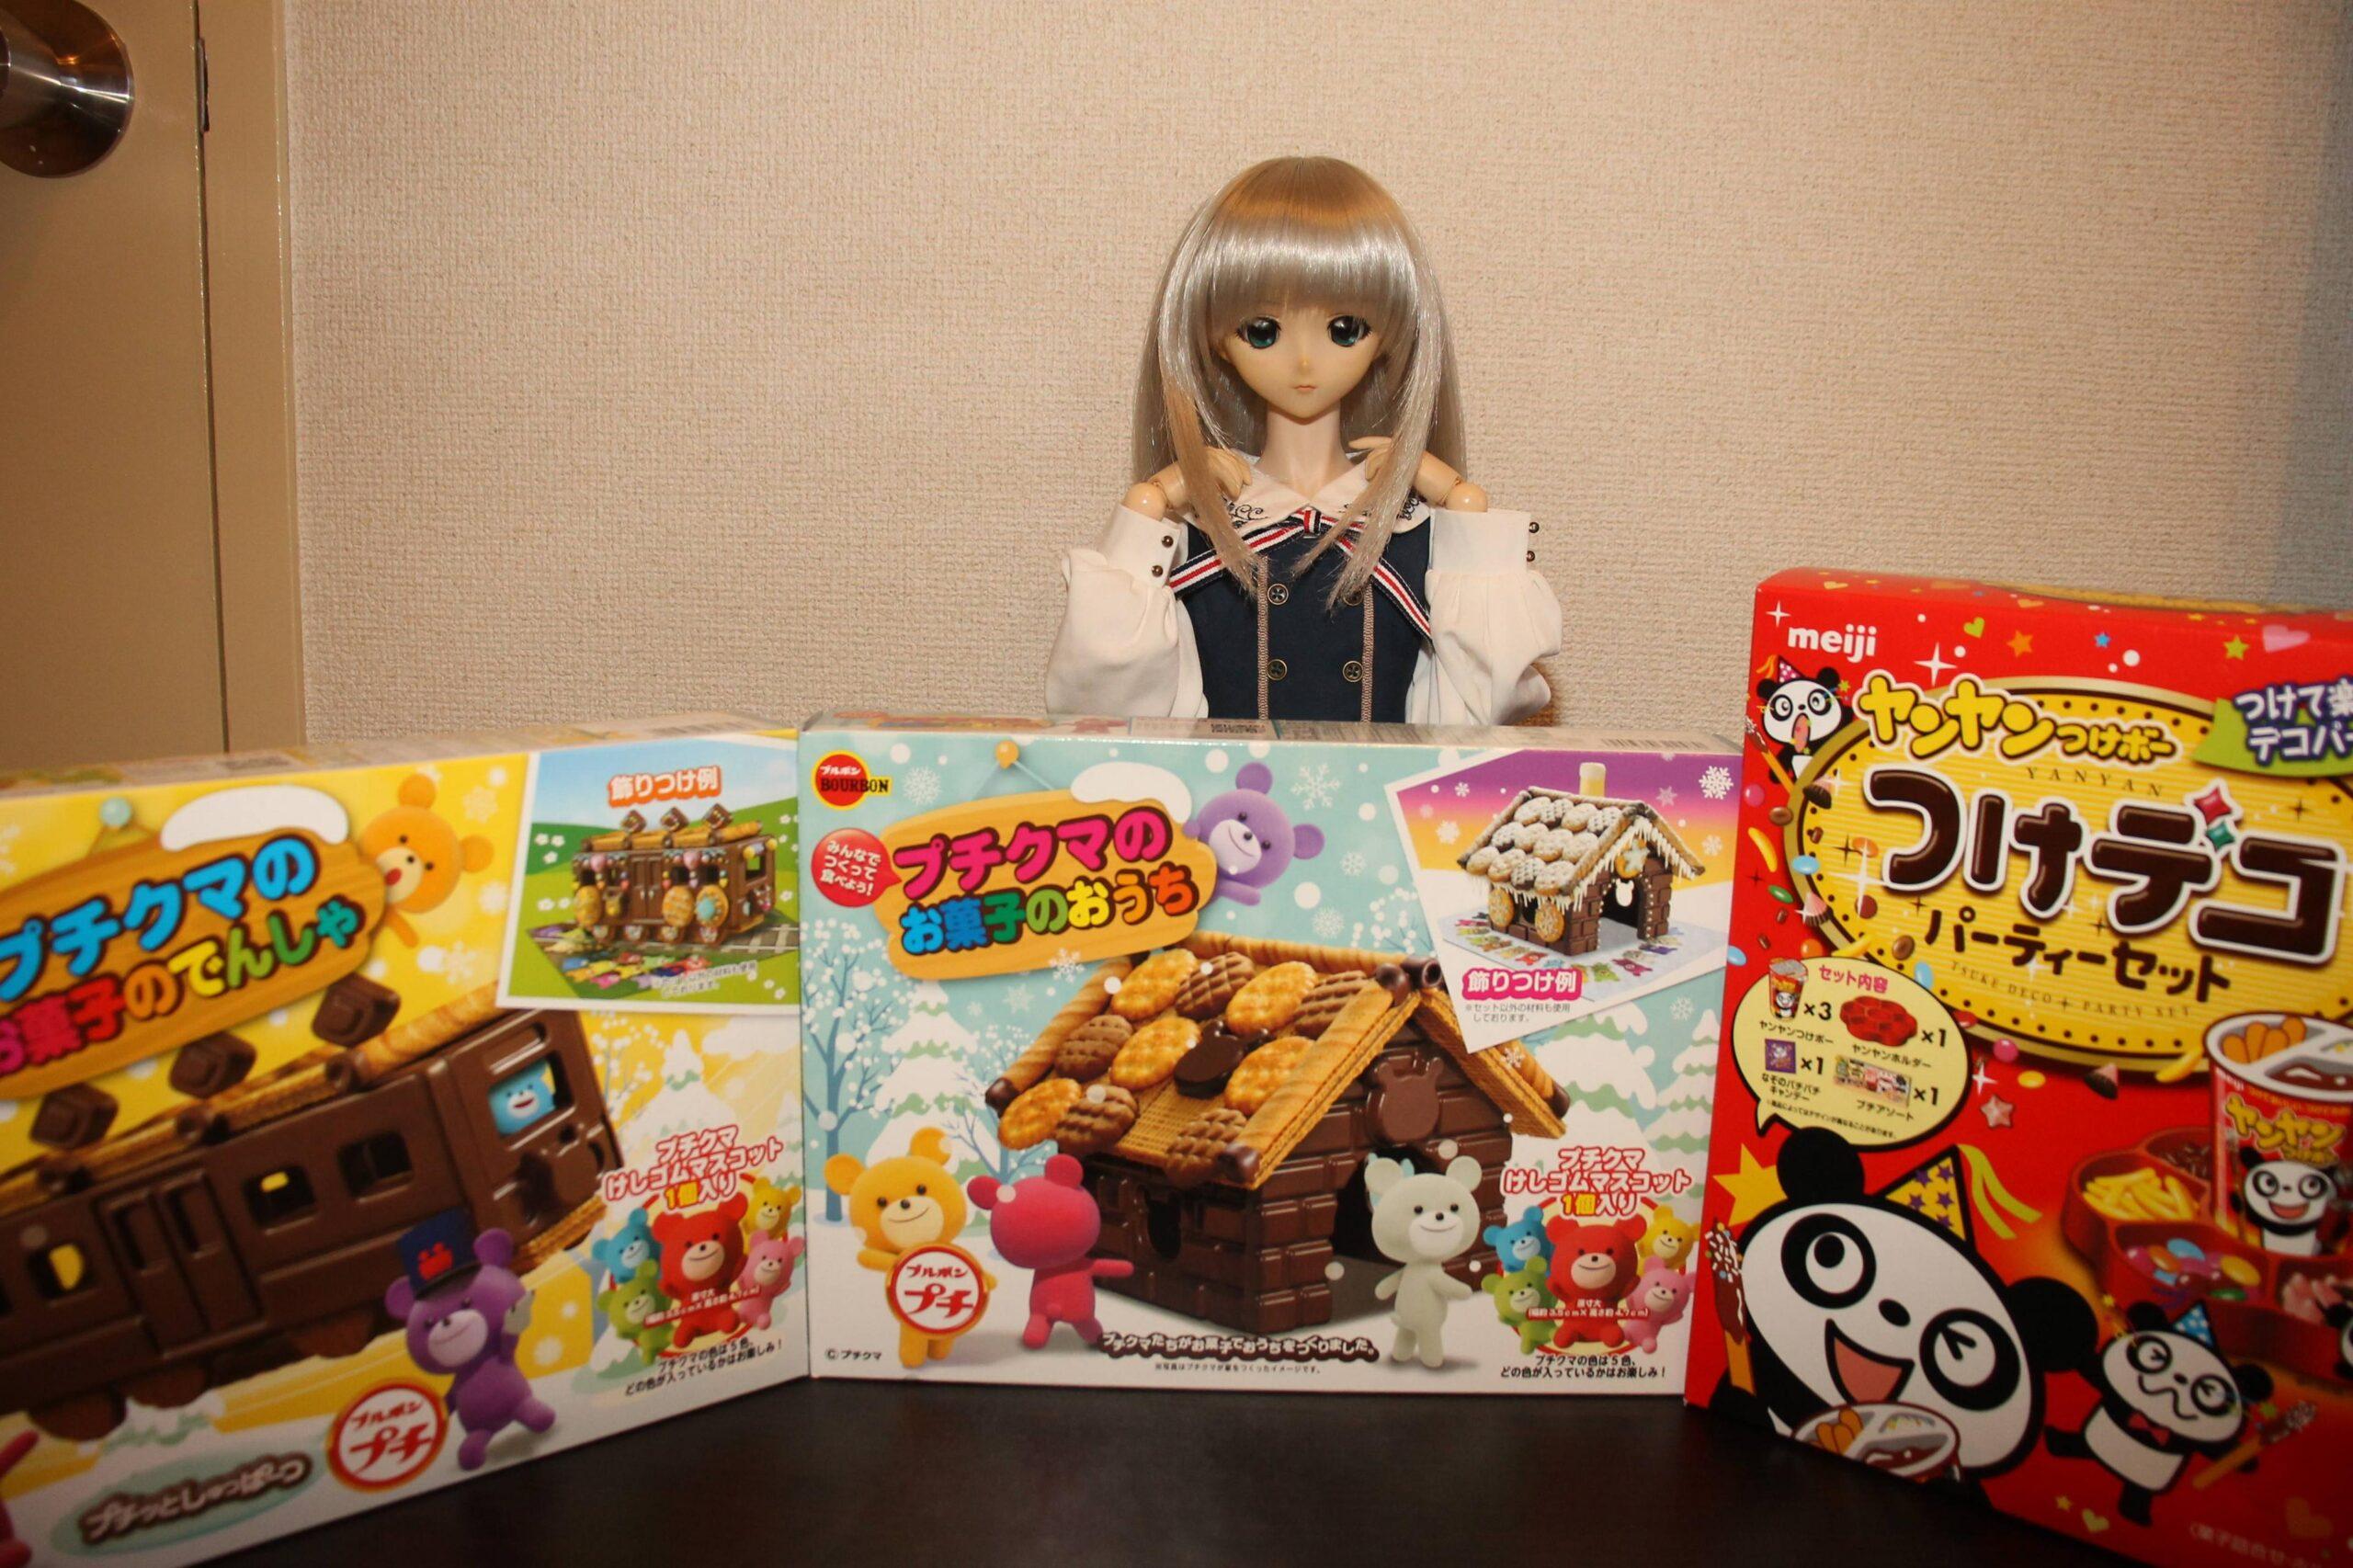 【画像有】娘(人形)とお菓子作りパーティーするで!